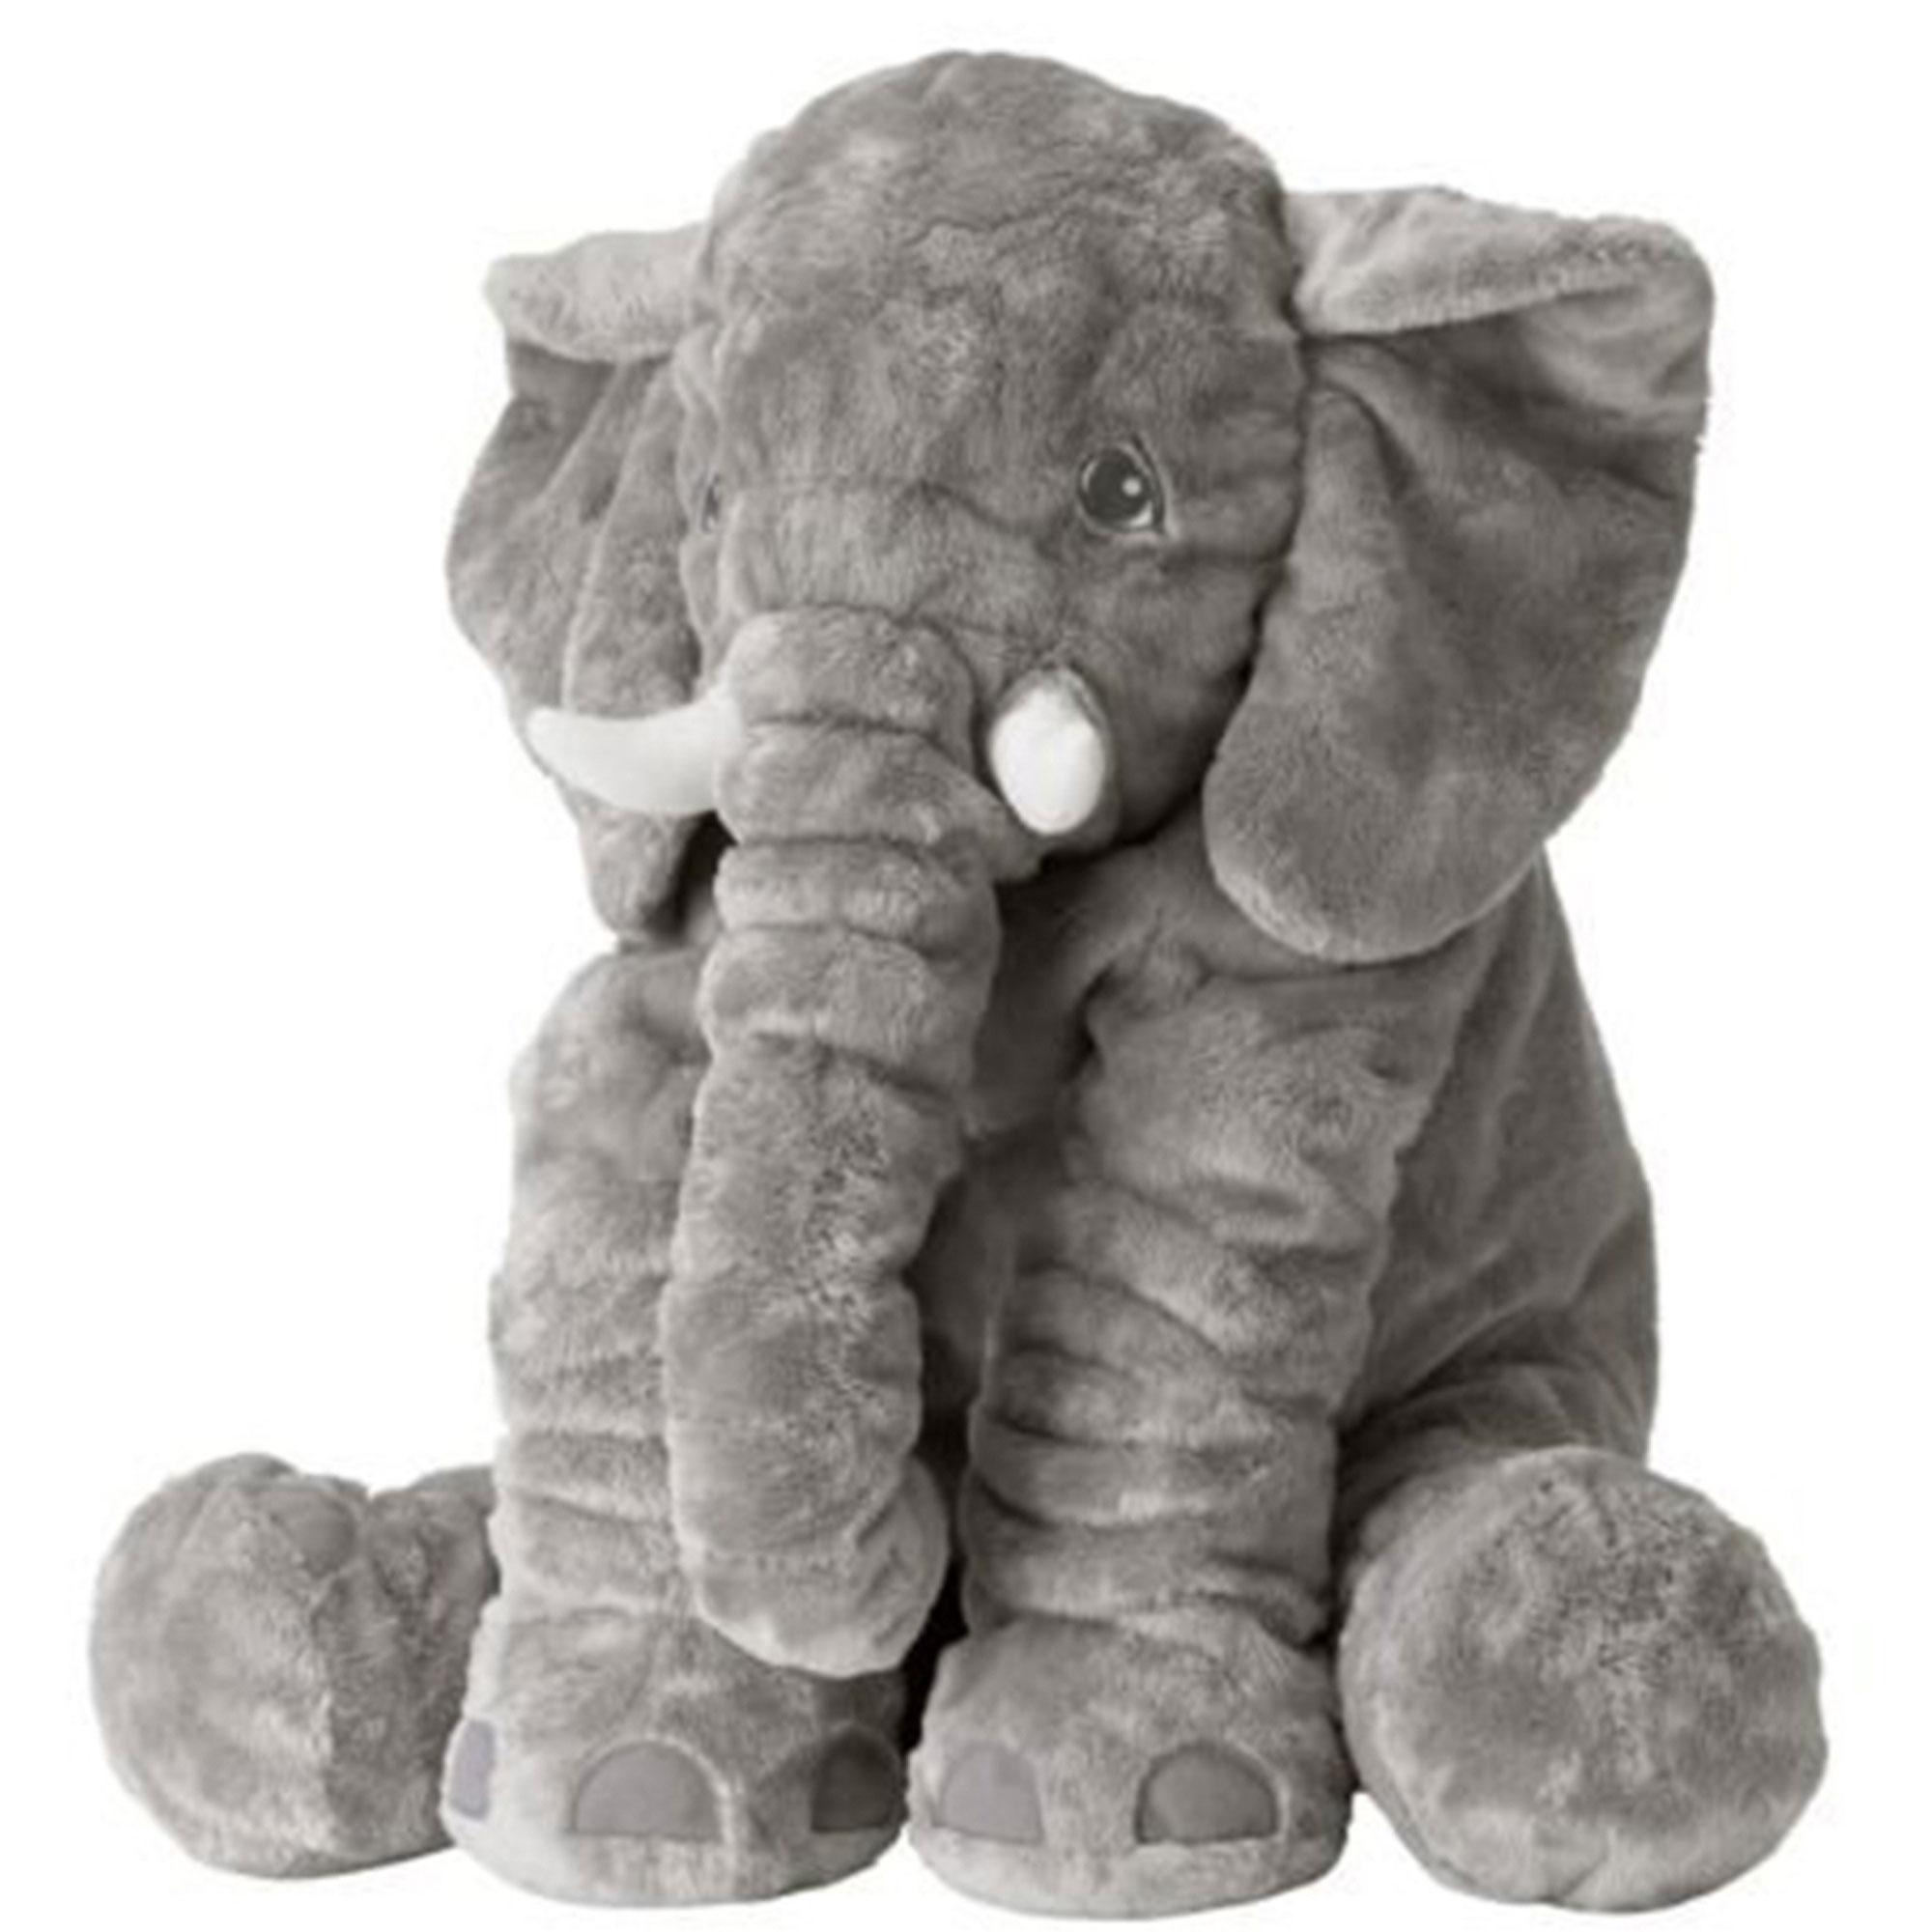 عروسک طرح فیل بالشتی مدل mommy elephant ارتفاع 60 سانتی متر